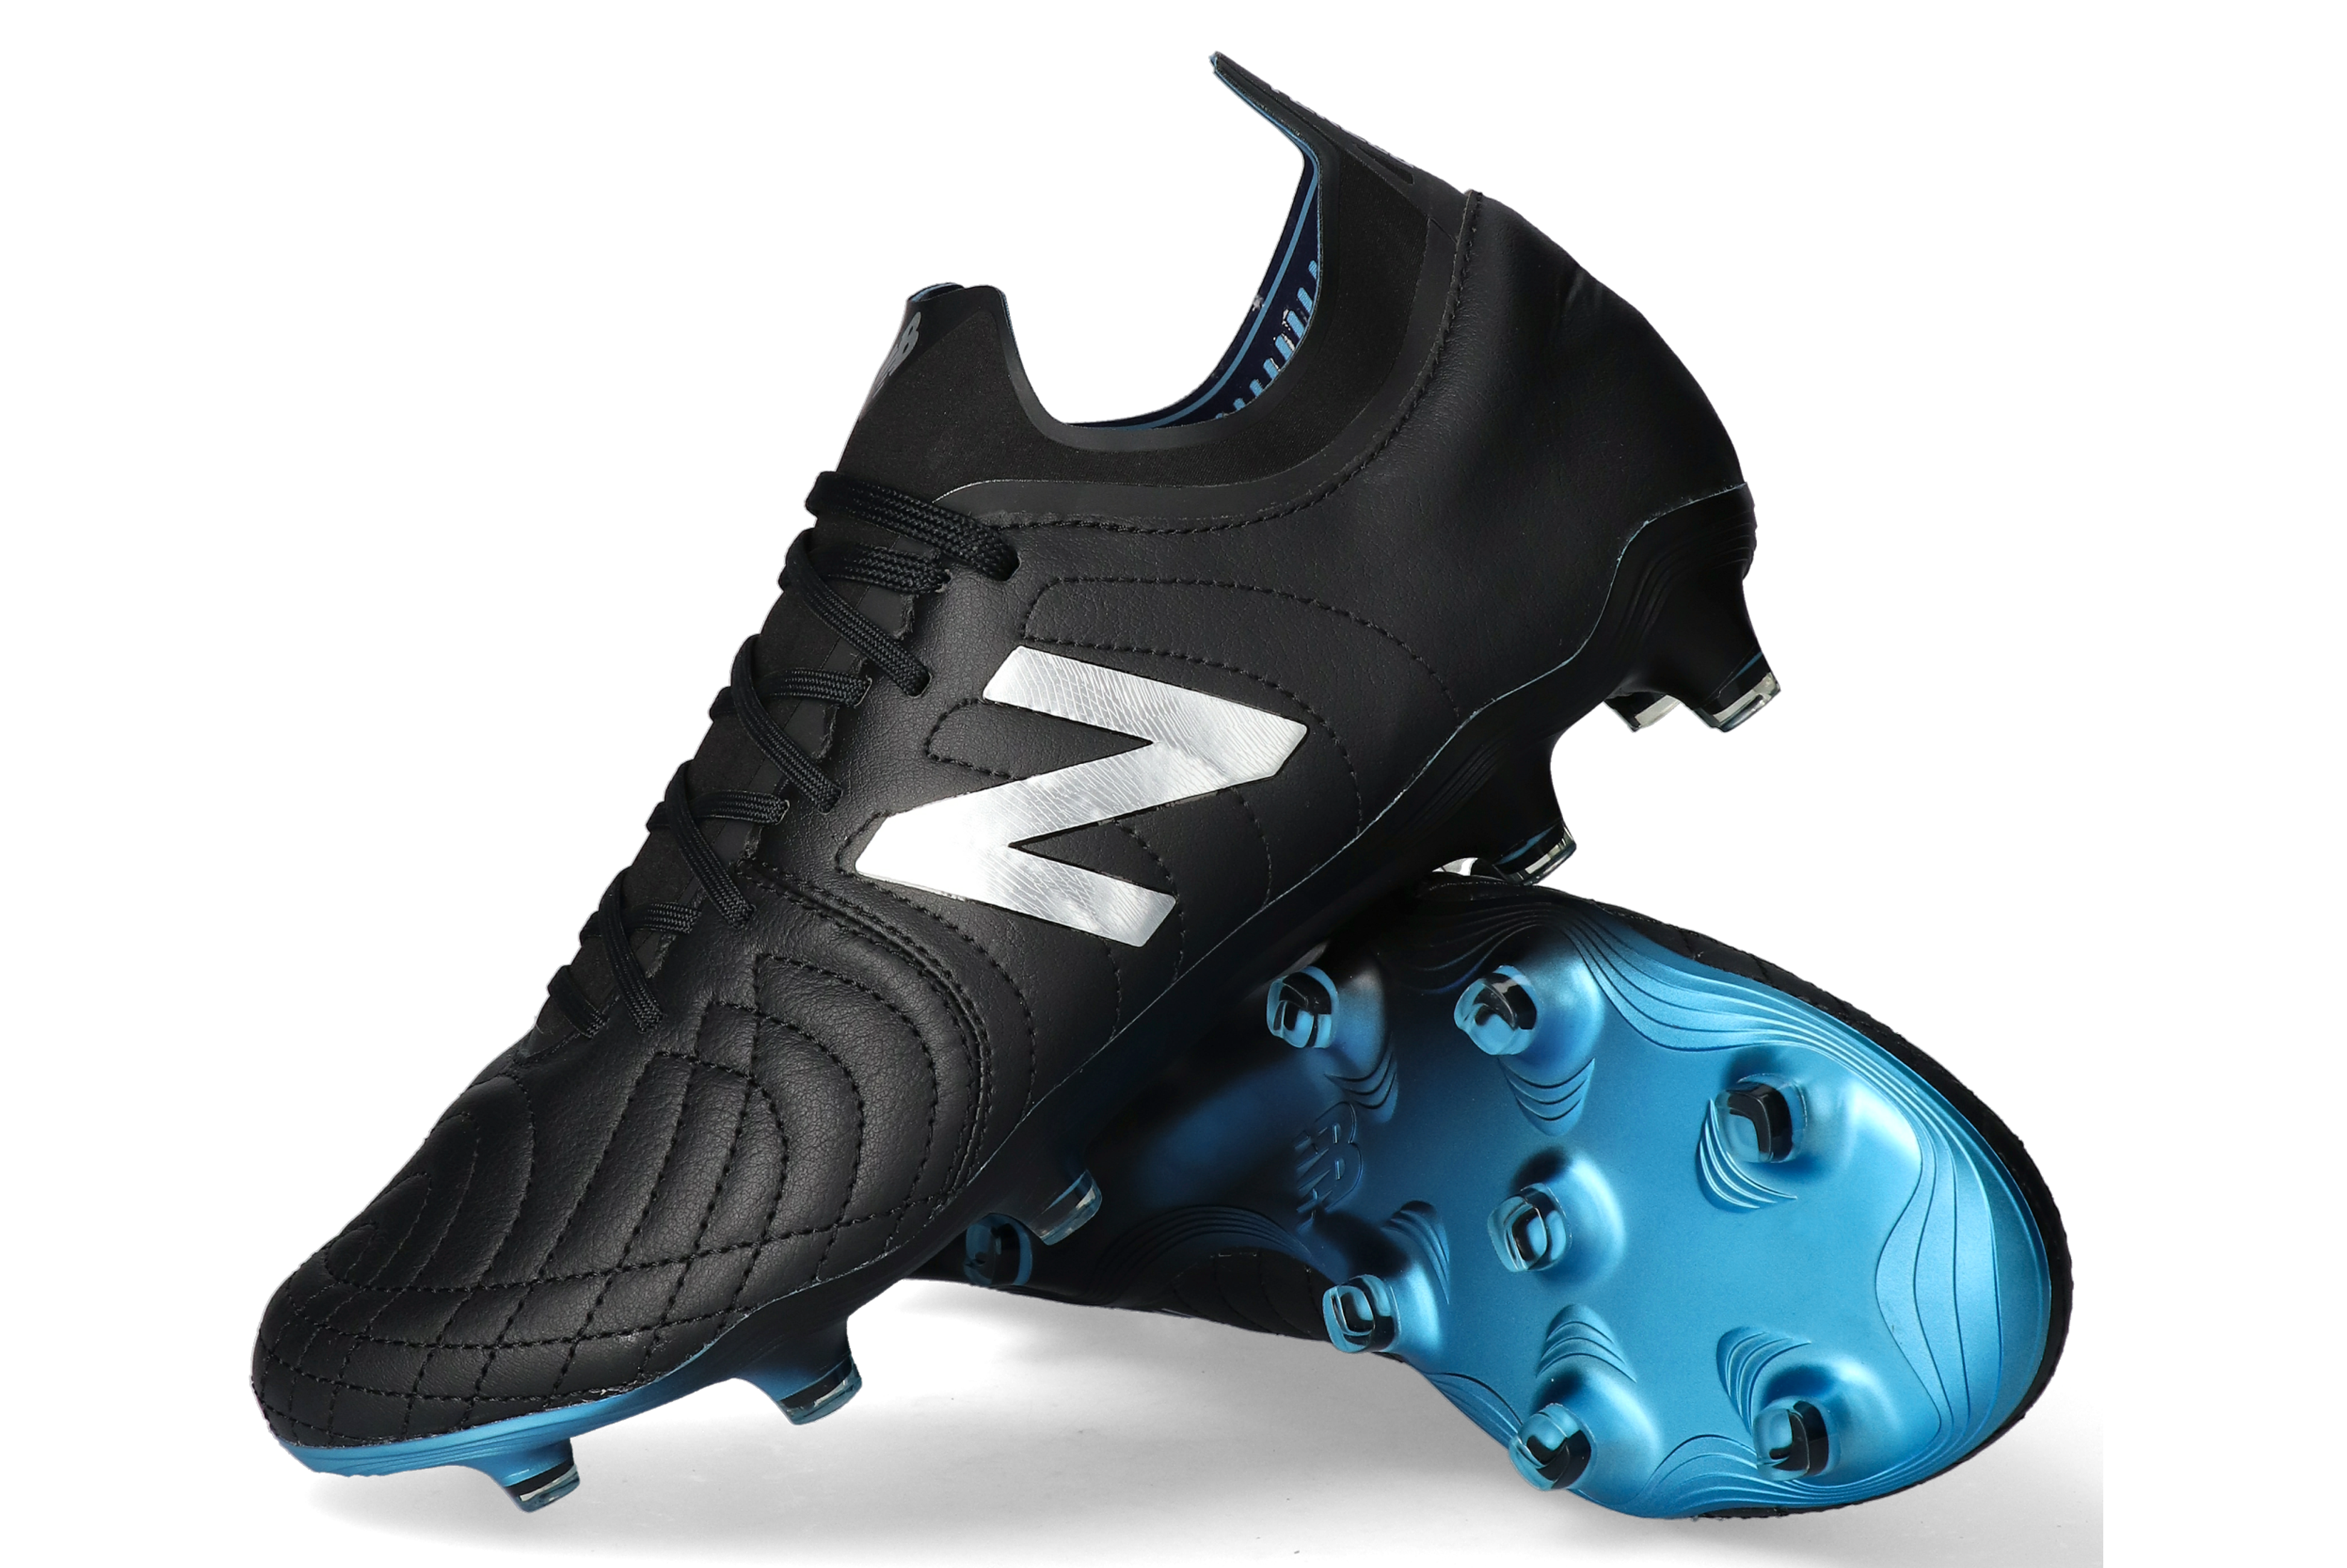 New Balance Tekela V2 Pro Leather FG